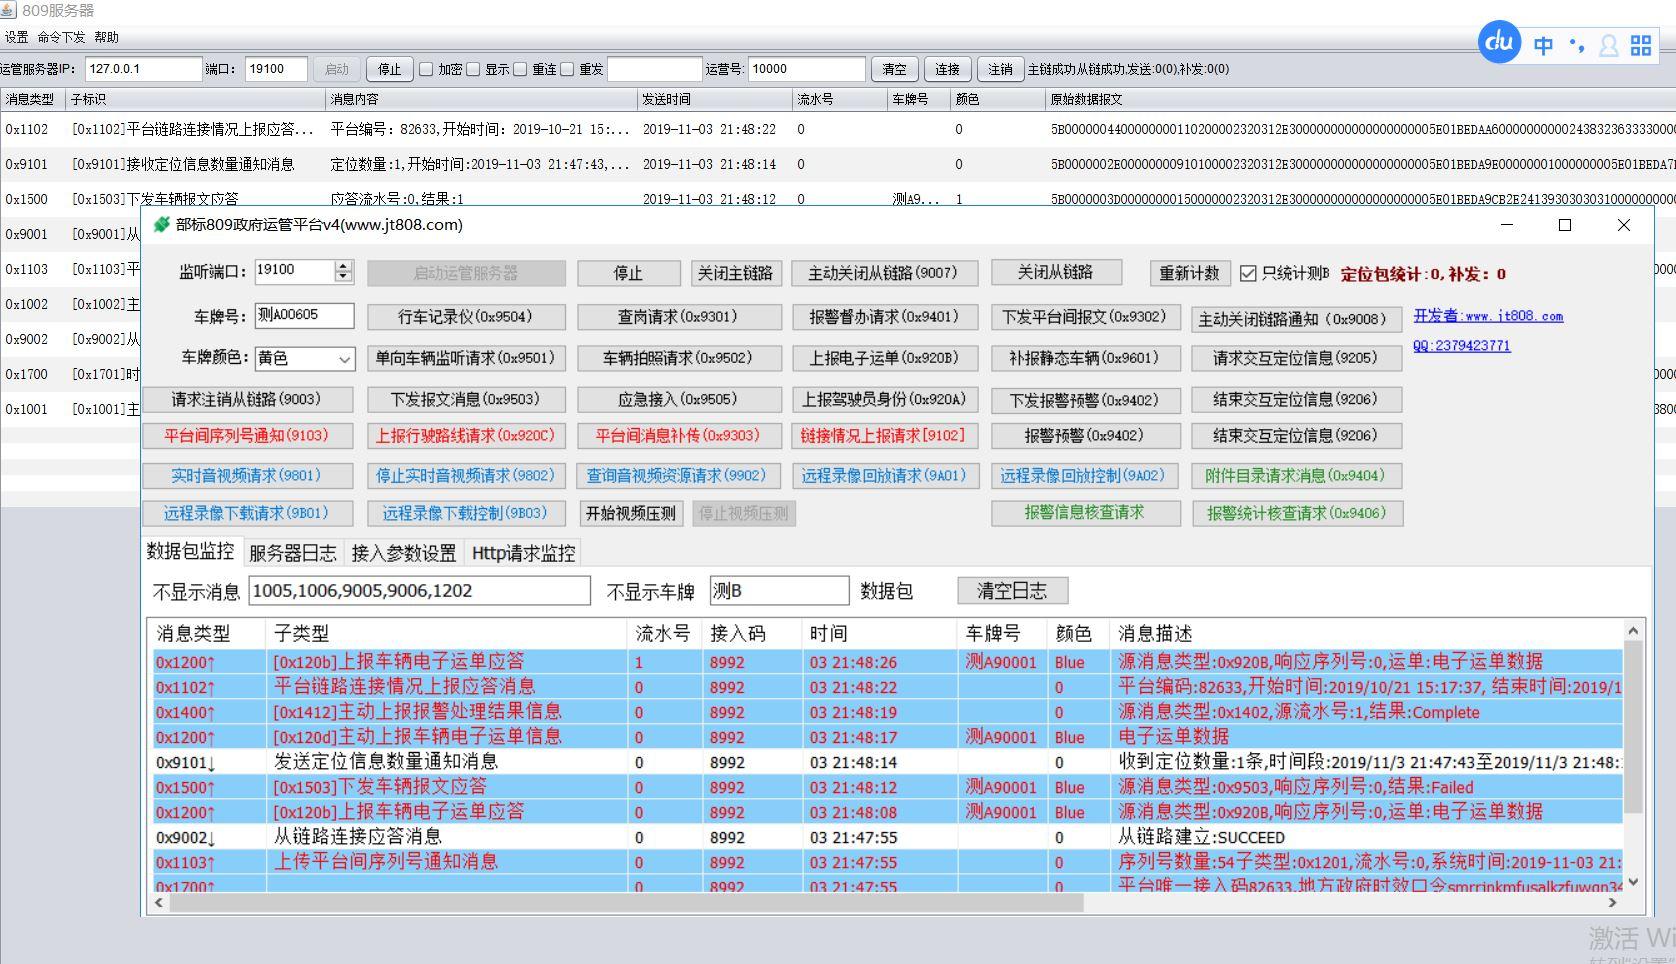 部标809-2019上级平台政府运管服务器